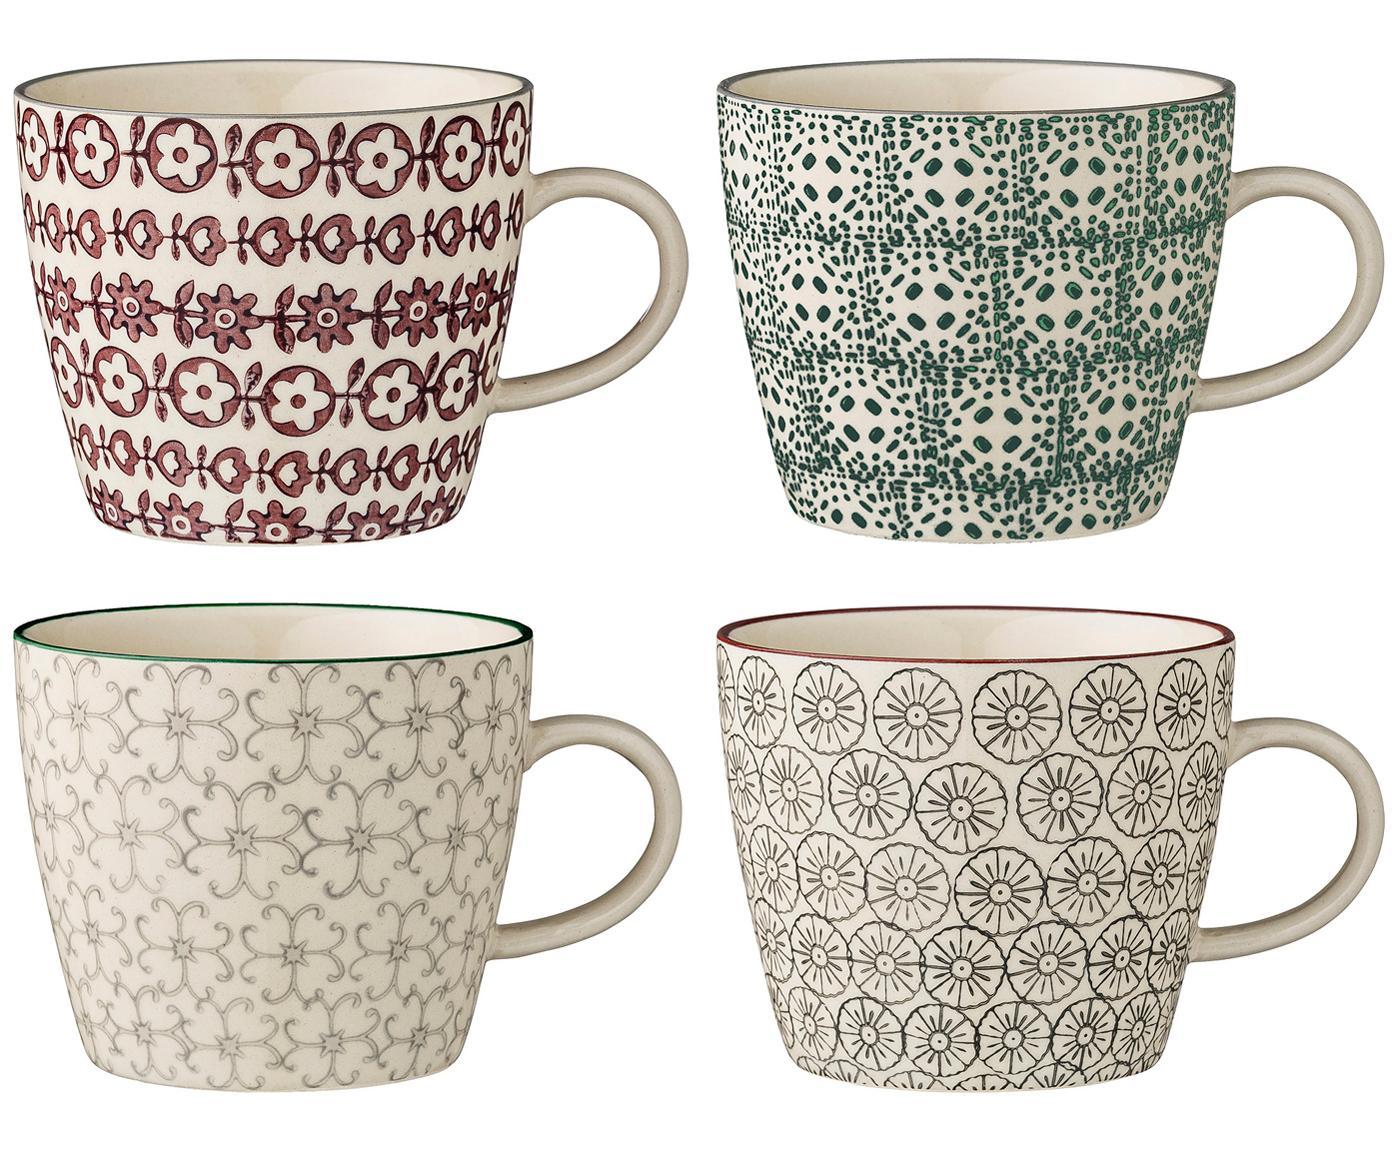 Tazas Karine, 4uds., Gres, Blanco, verde, rojo, gris, Ø 10 x Al 8 cm